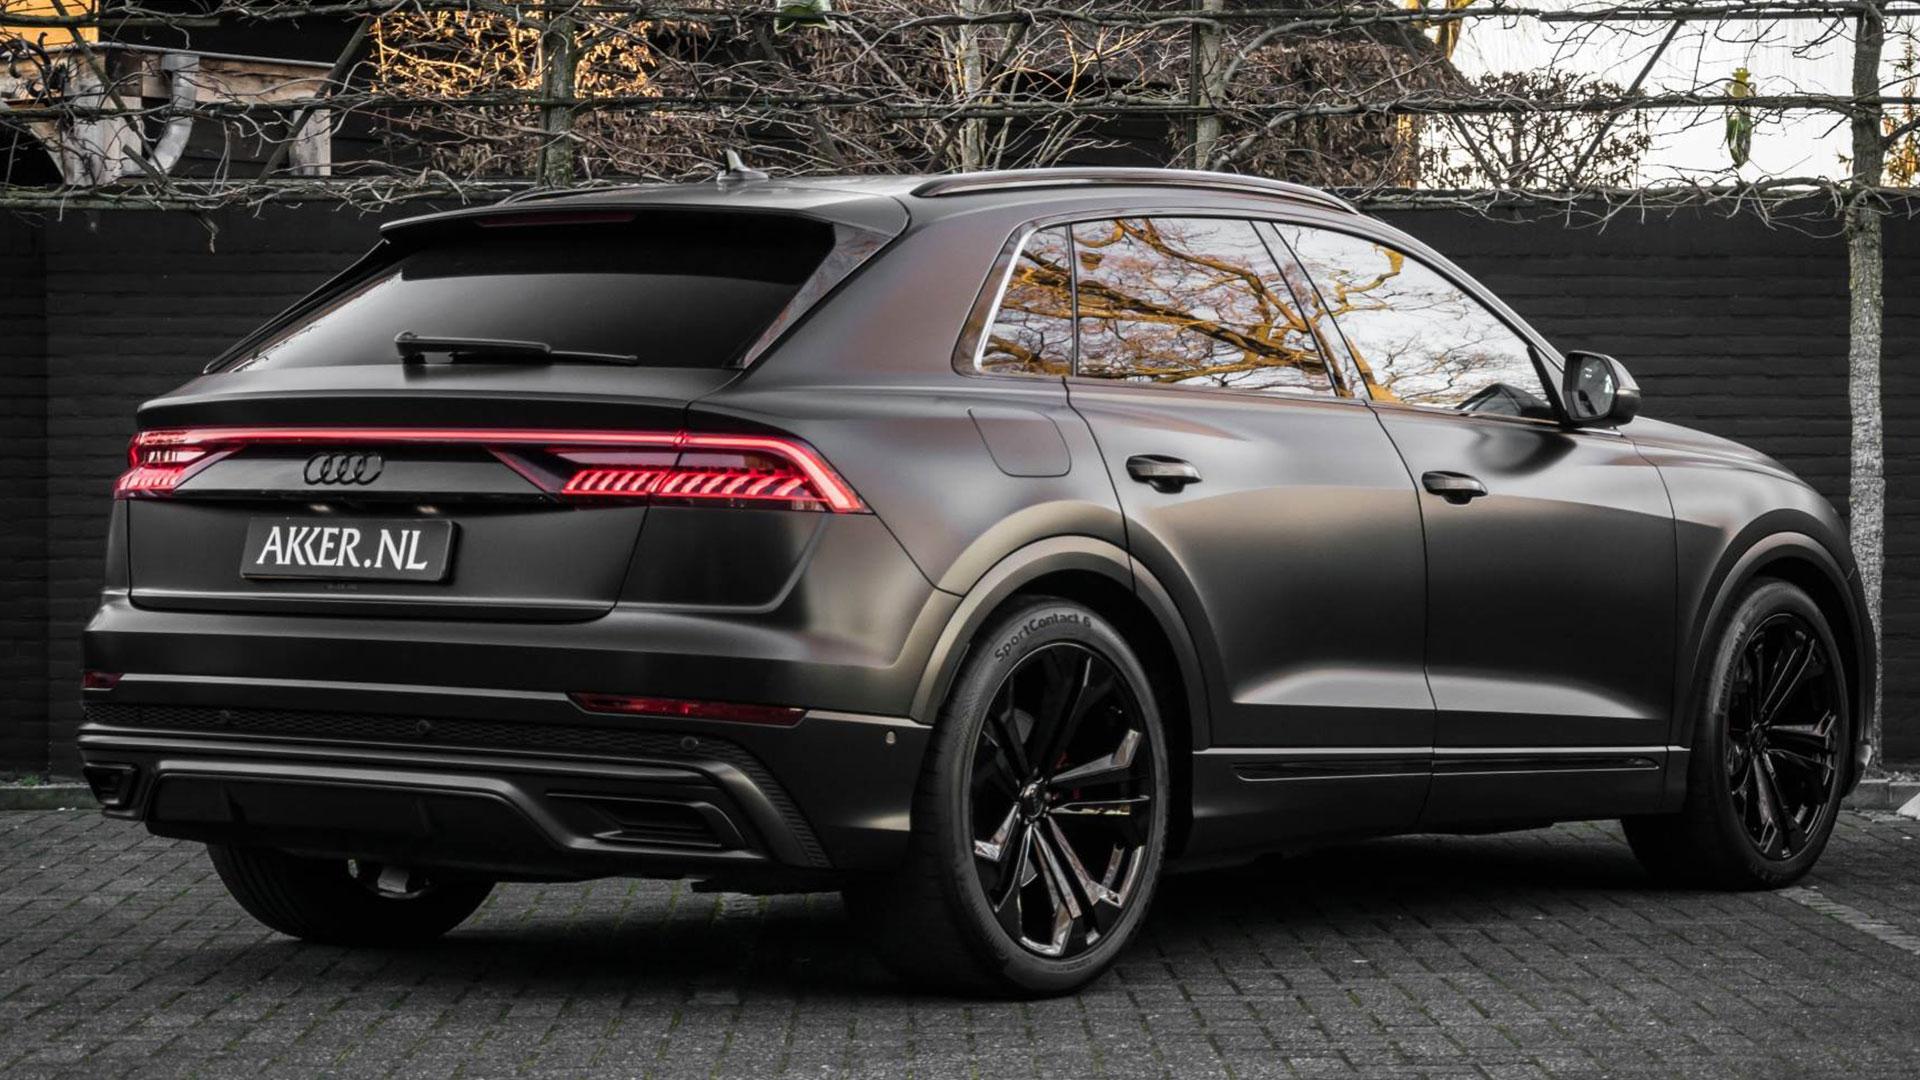 De Audi Q8 van Giel de Winter